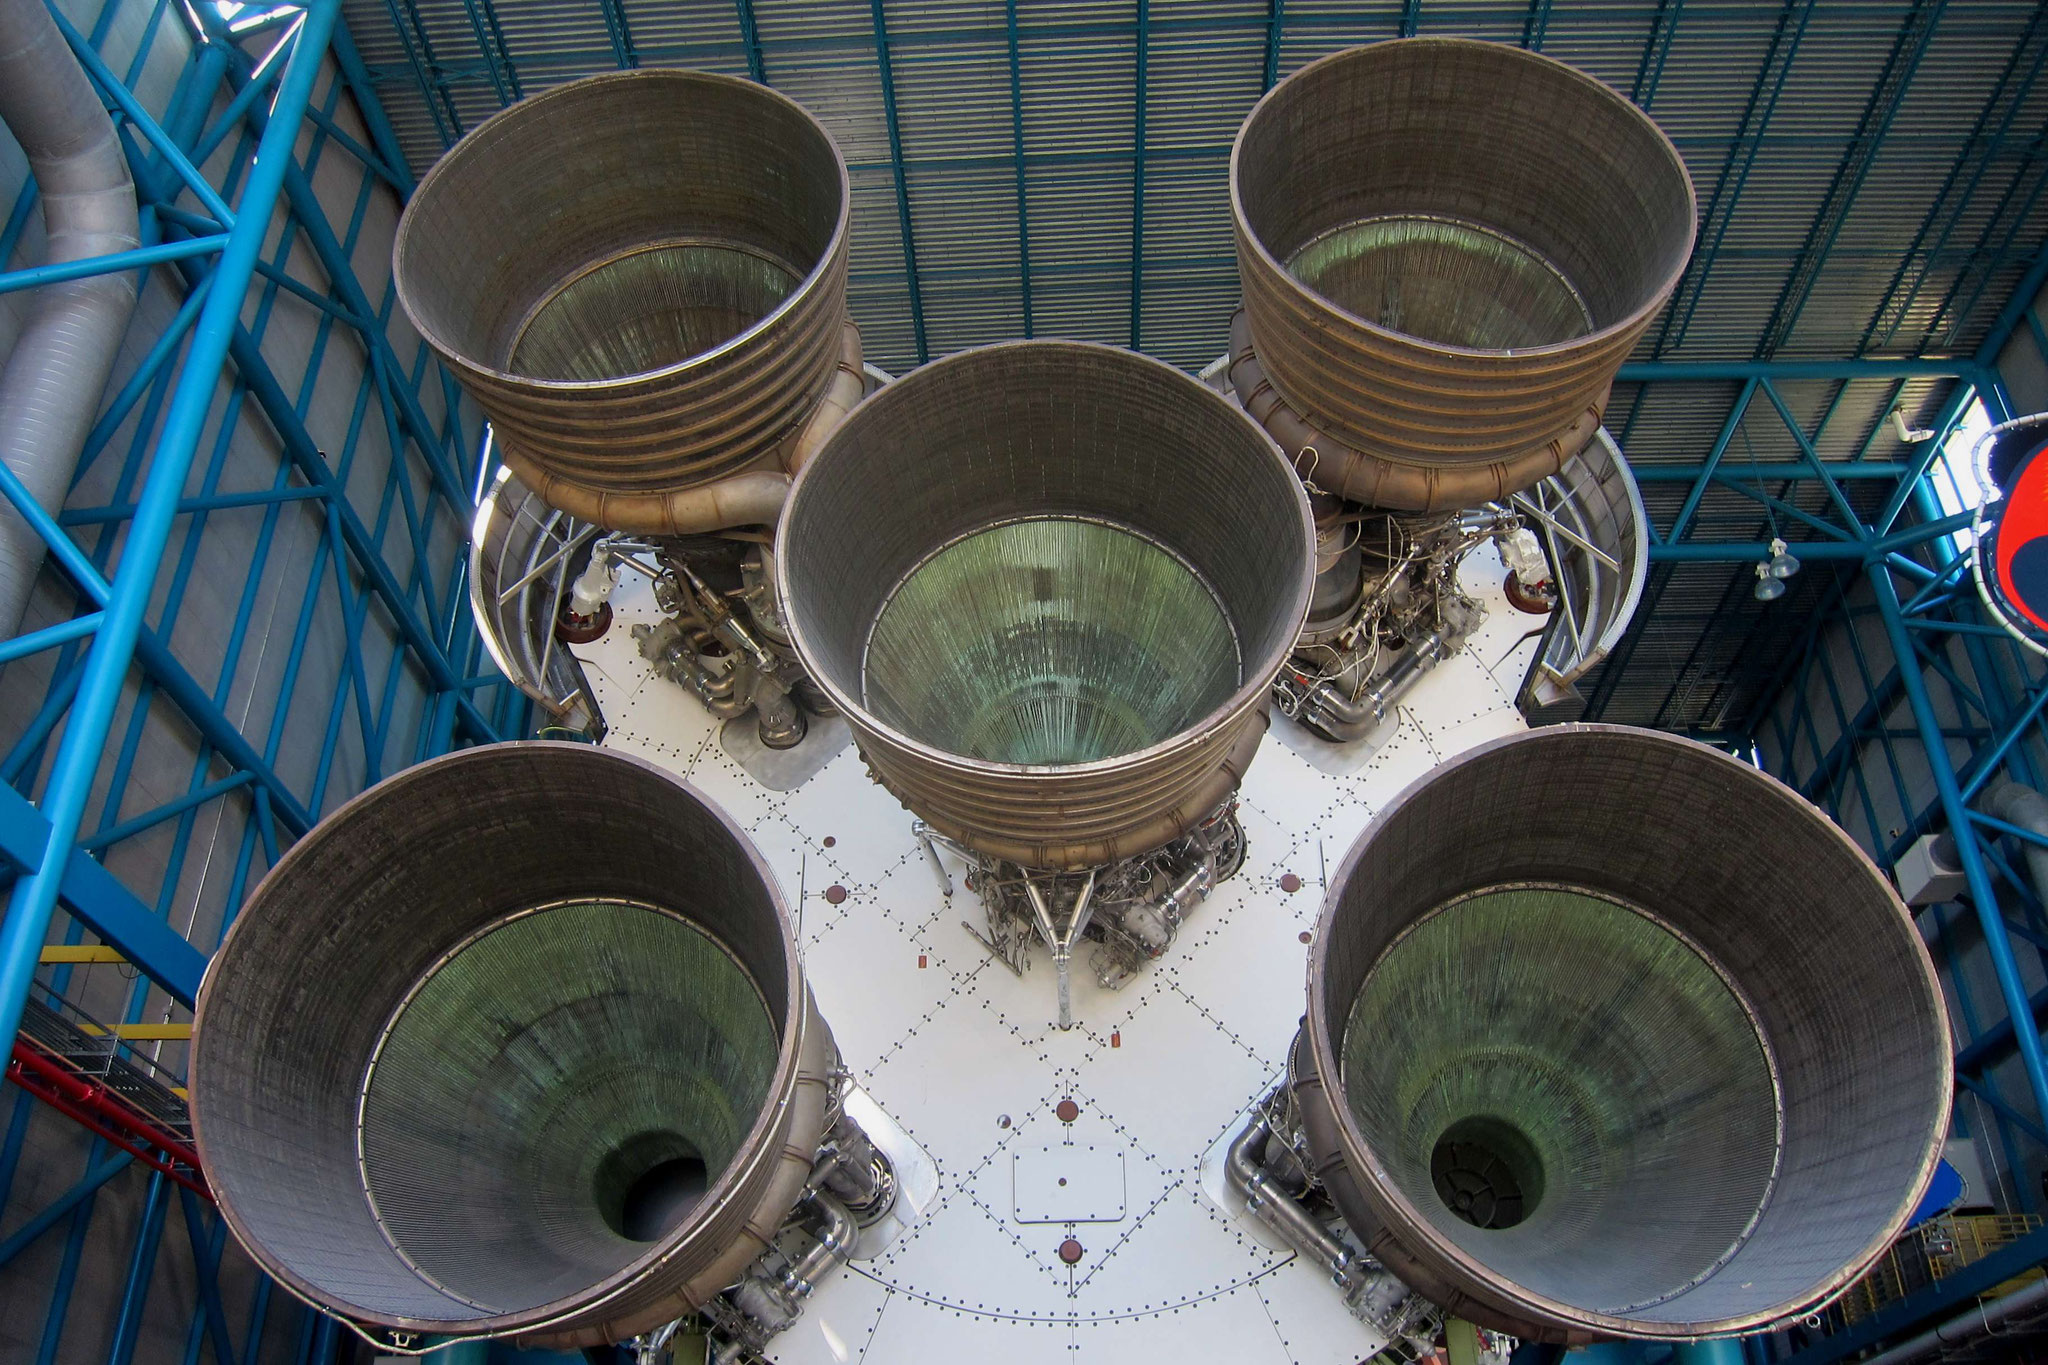 Die Raketenantriebe der Saturn V-Rakete aus dem Apollo Programm